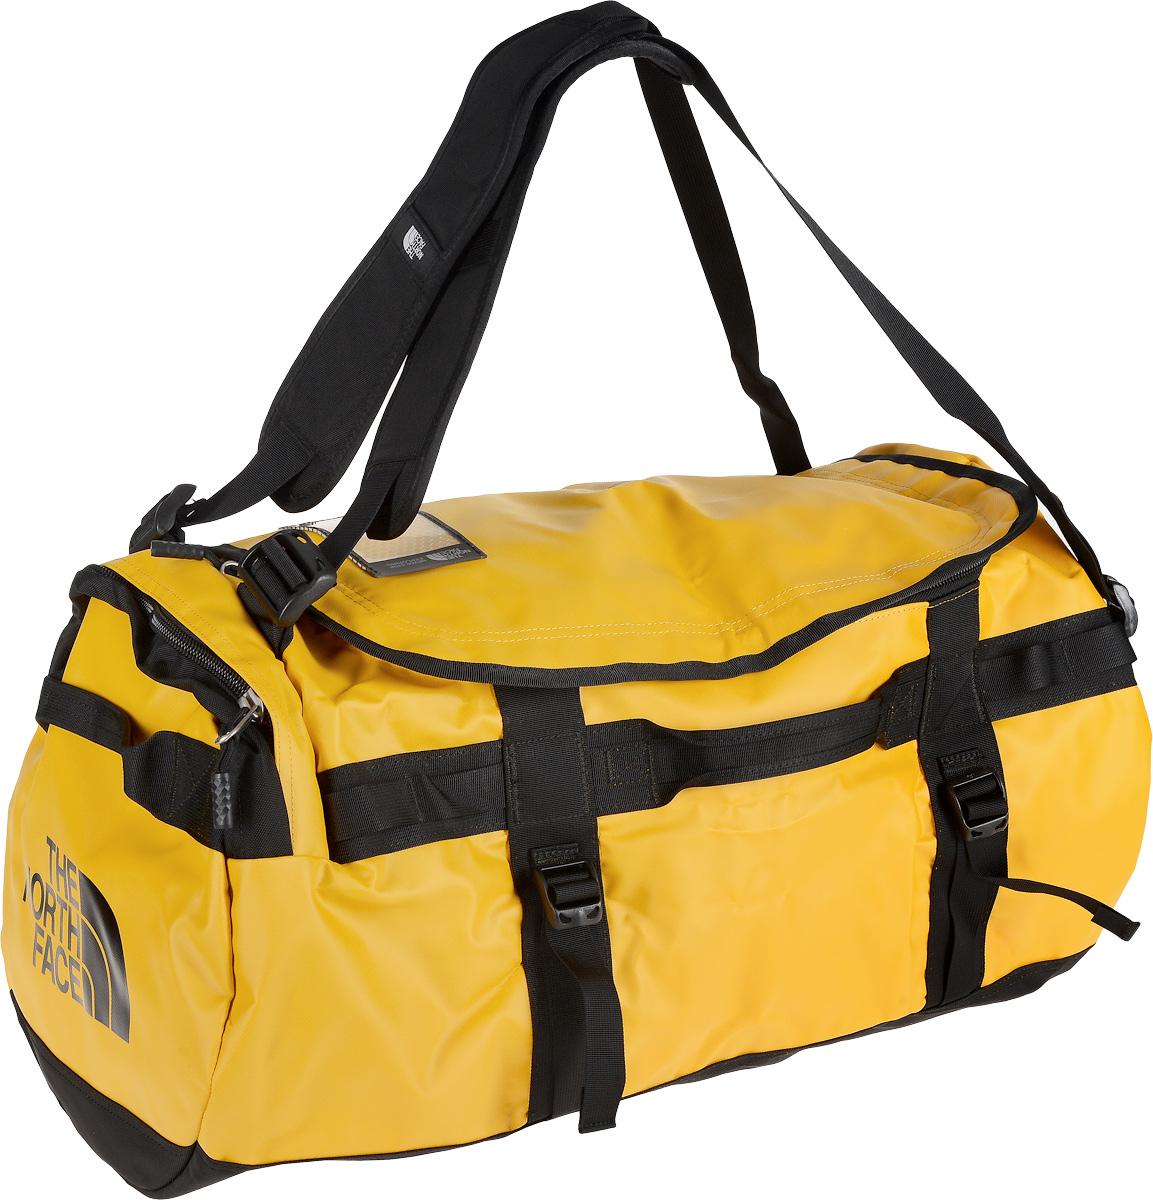 Сумка-рюкзак The North Face, цвет: желтый, черный, 71 л. CWW2_KY4 T0CWW2KY4